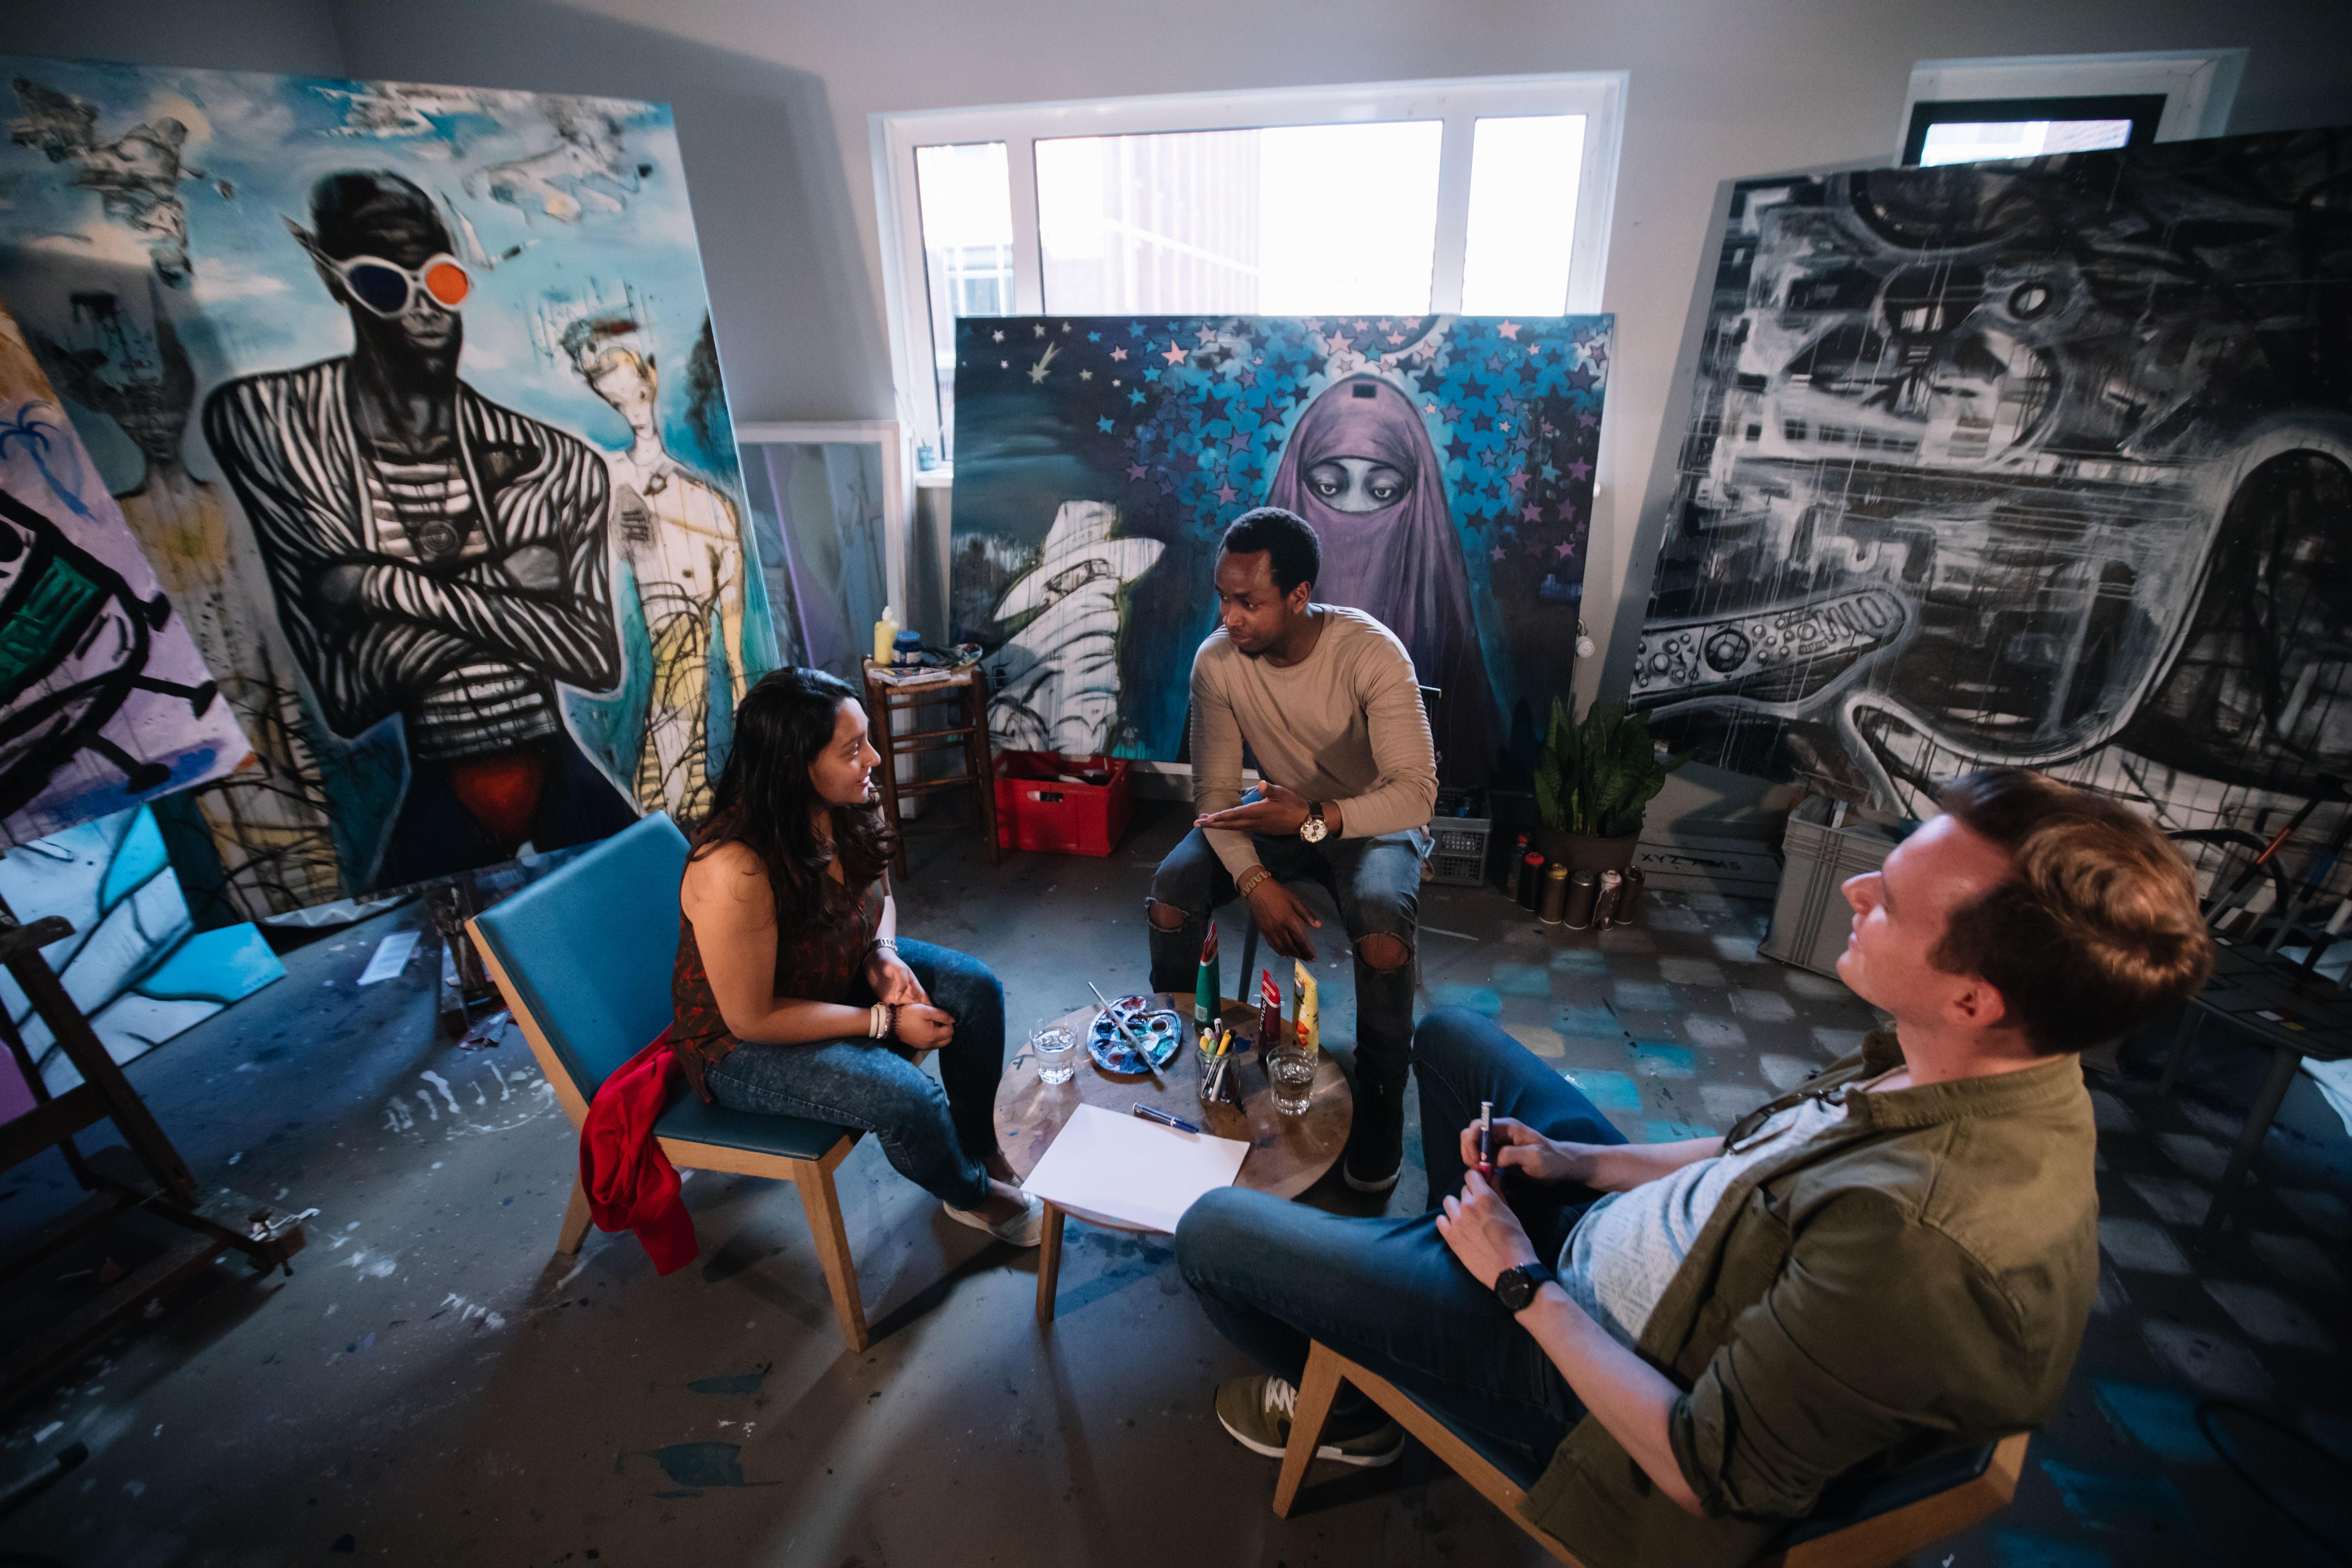 artist-studio-conversation.jpeg?mtime=20170921131516#asset:105